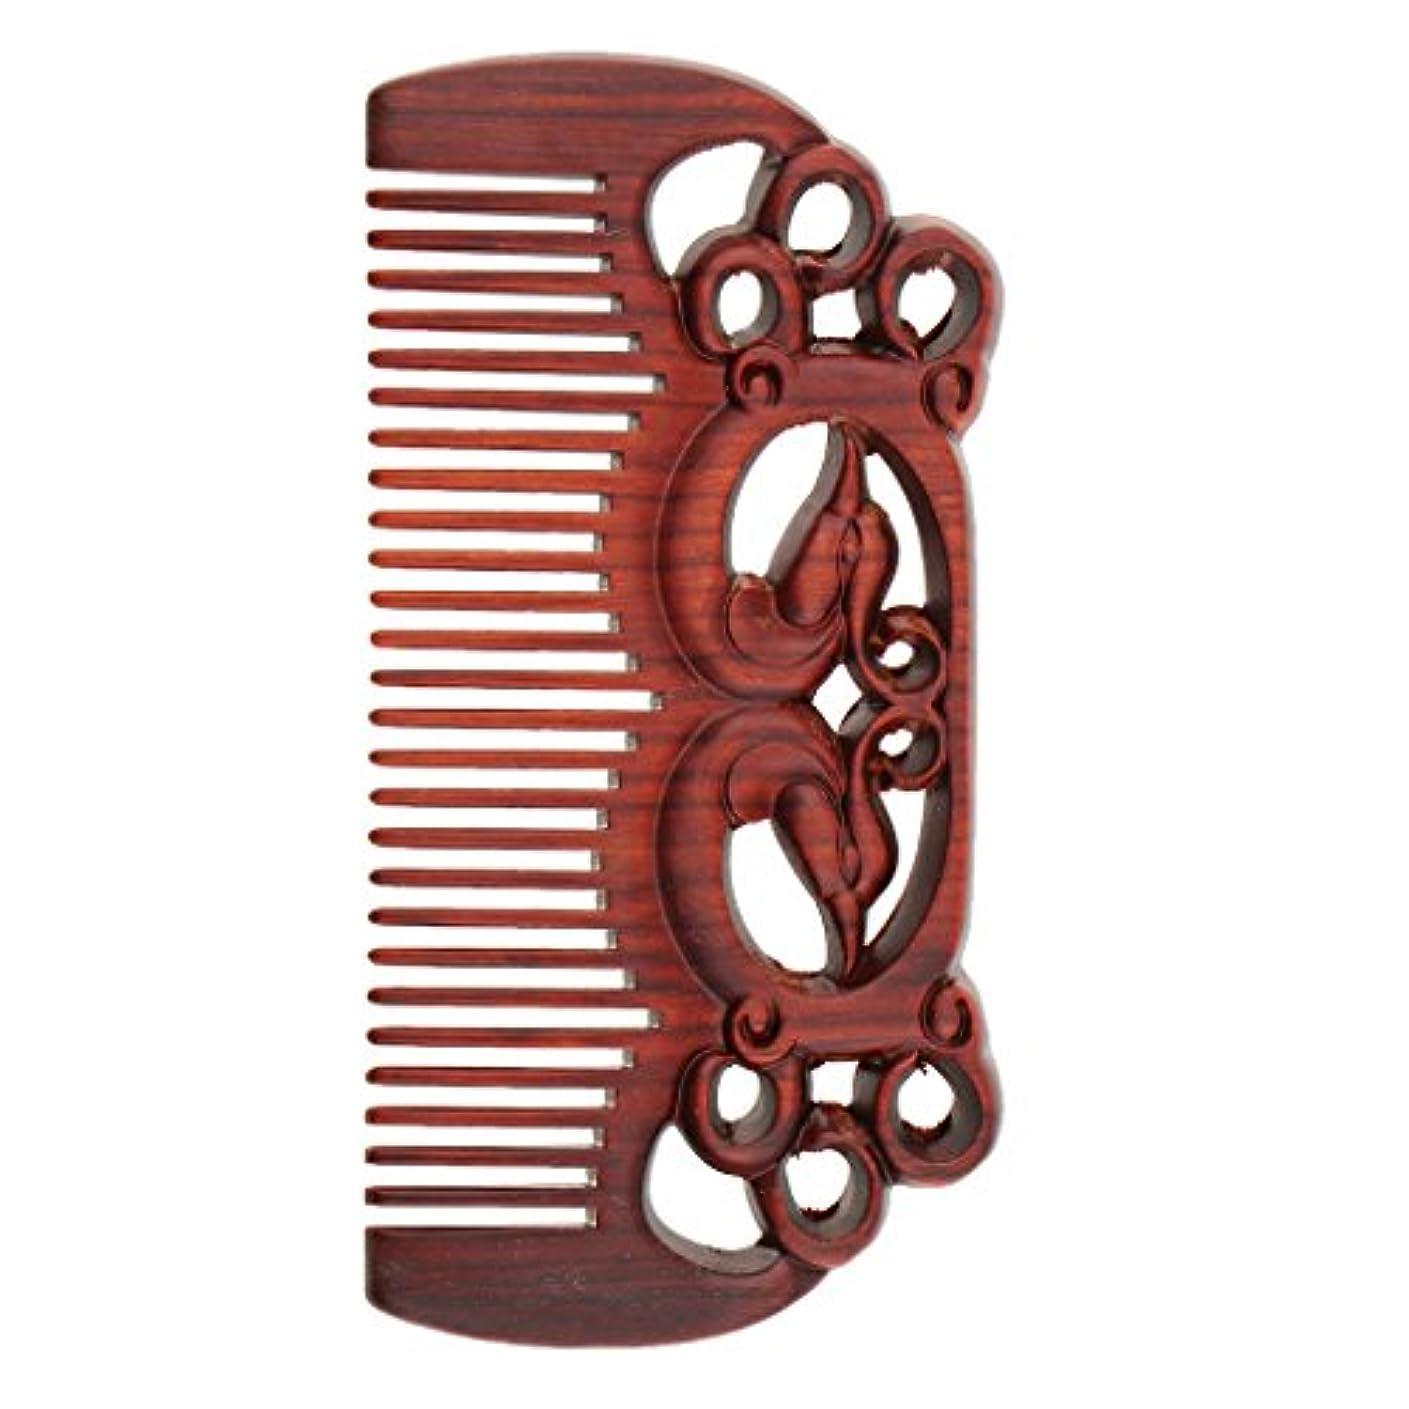 姿を消すアルファベット順沼地Perfeclan ウッドコーム 天然木製 高品質 木製櫛 ワイド歯 ヘアブラシ ヘアスタイリング ヘアコーム 2タイプ選べる - #1